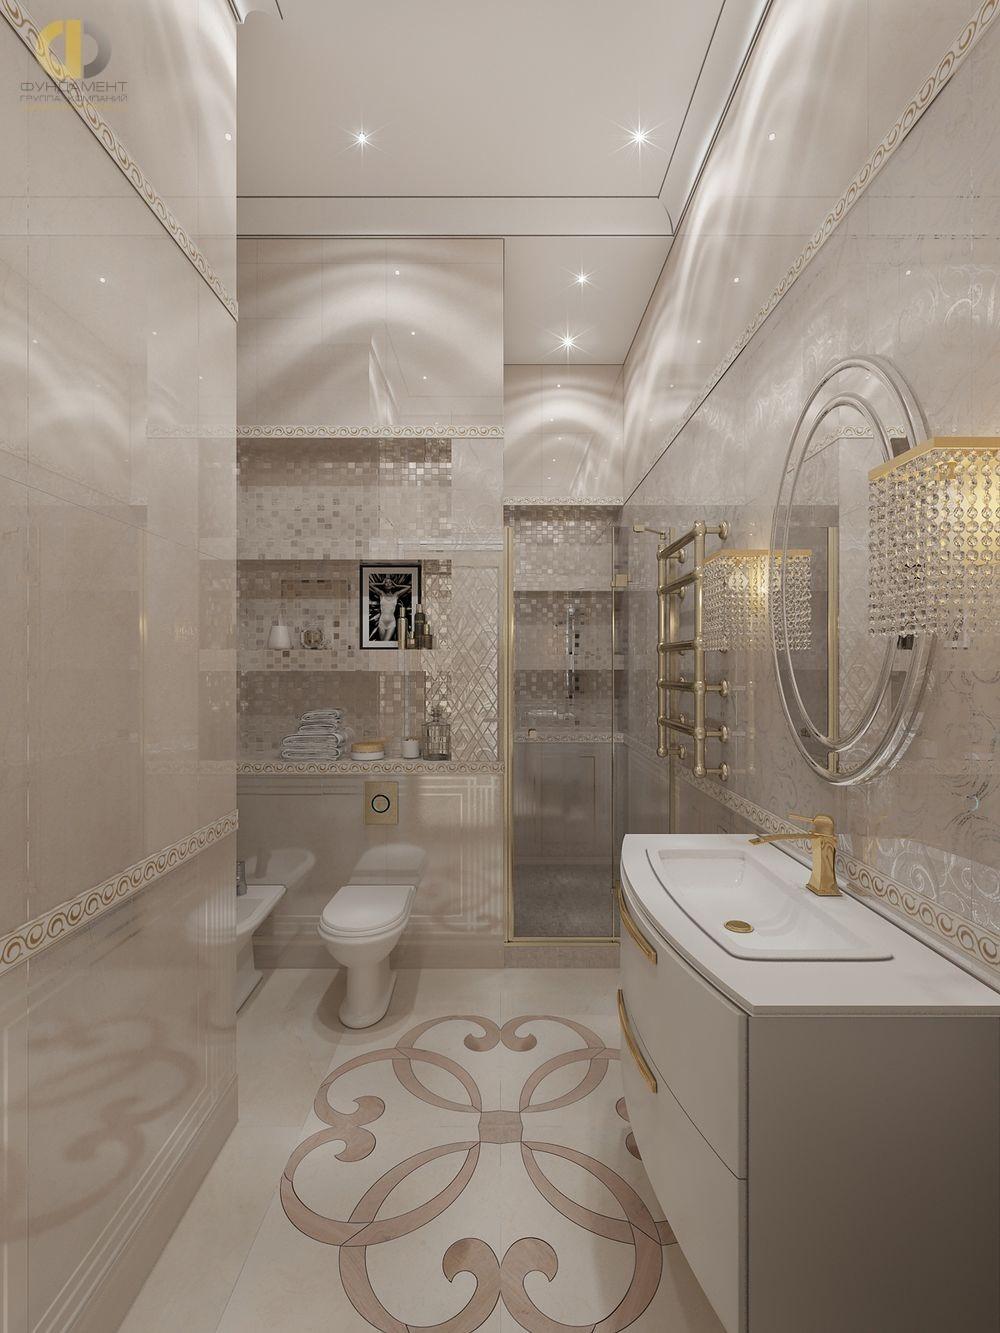 Интерьер ванной комнаты в кремовой гамме